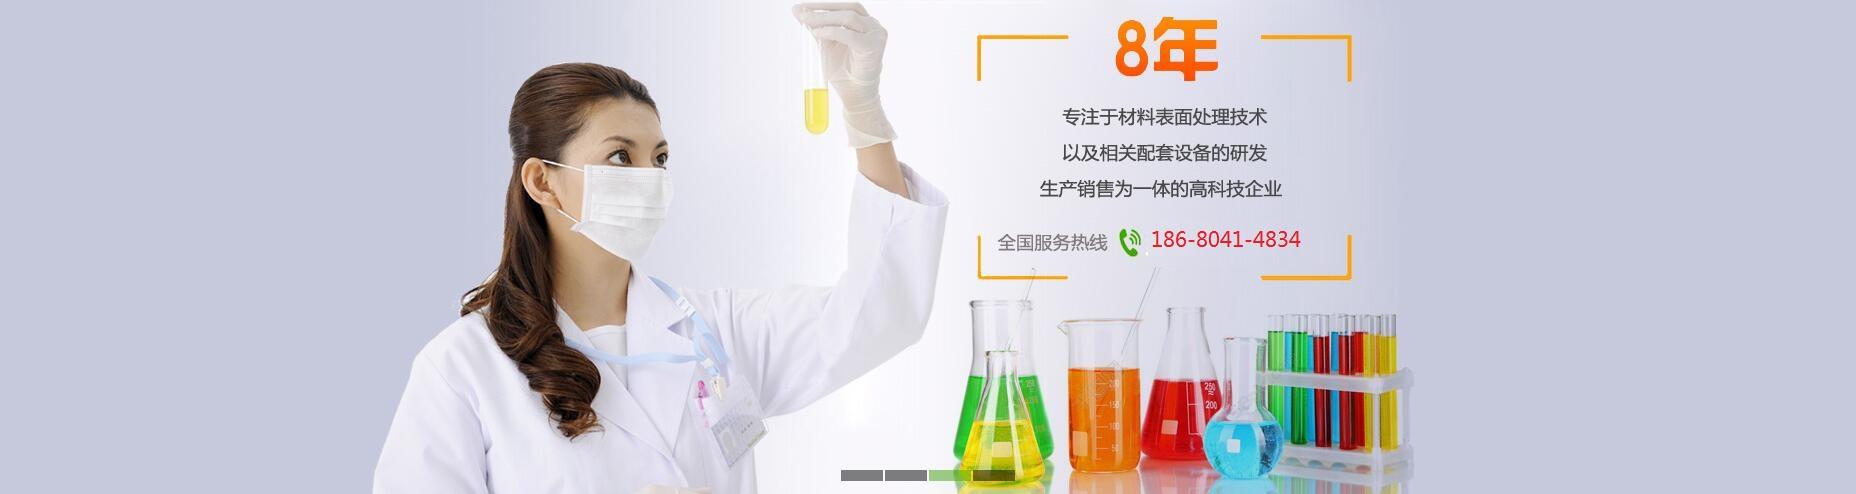 东莞市宝蓝电子有限公司